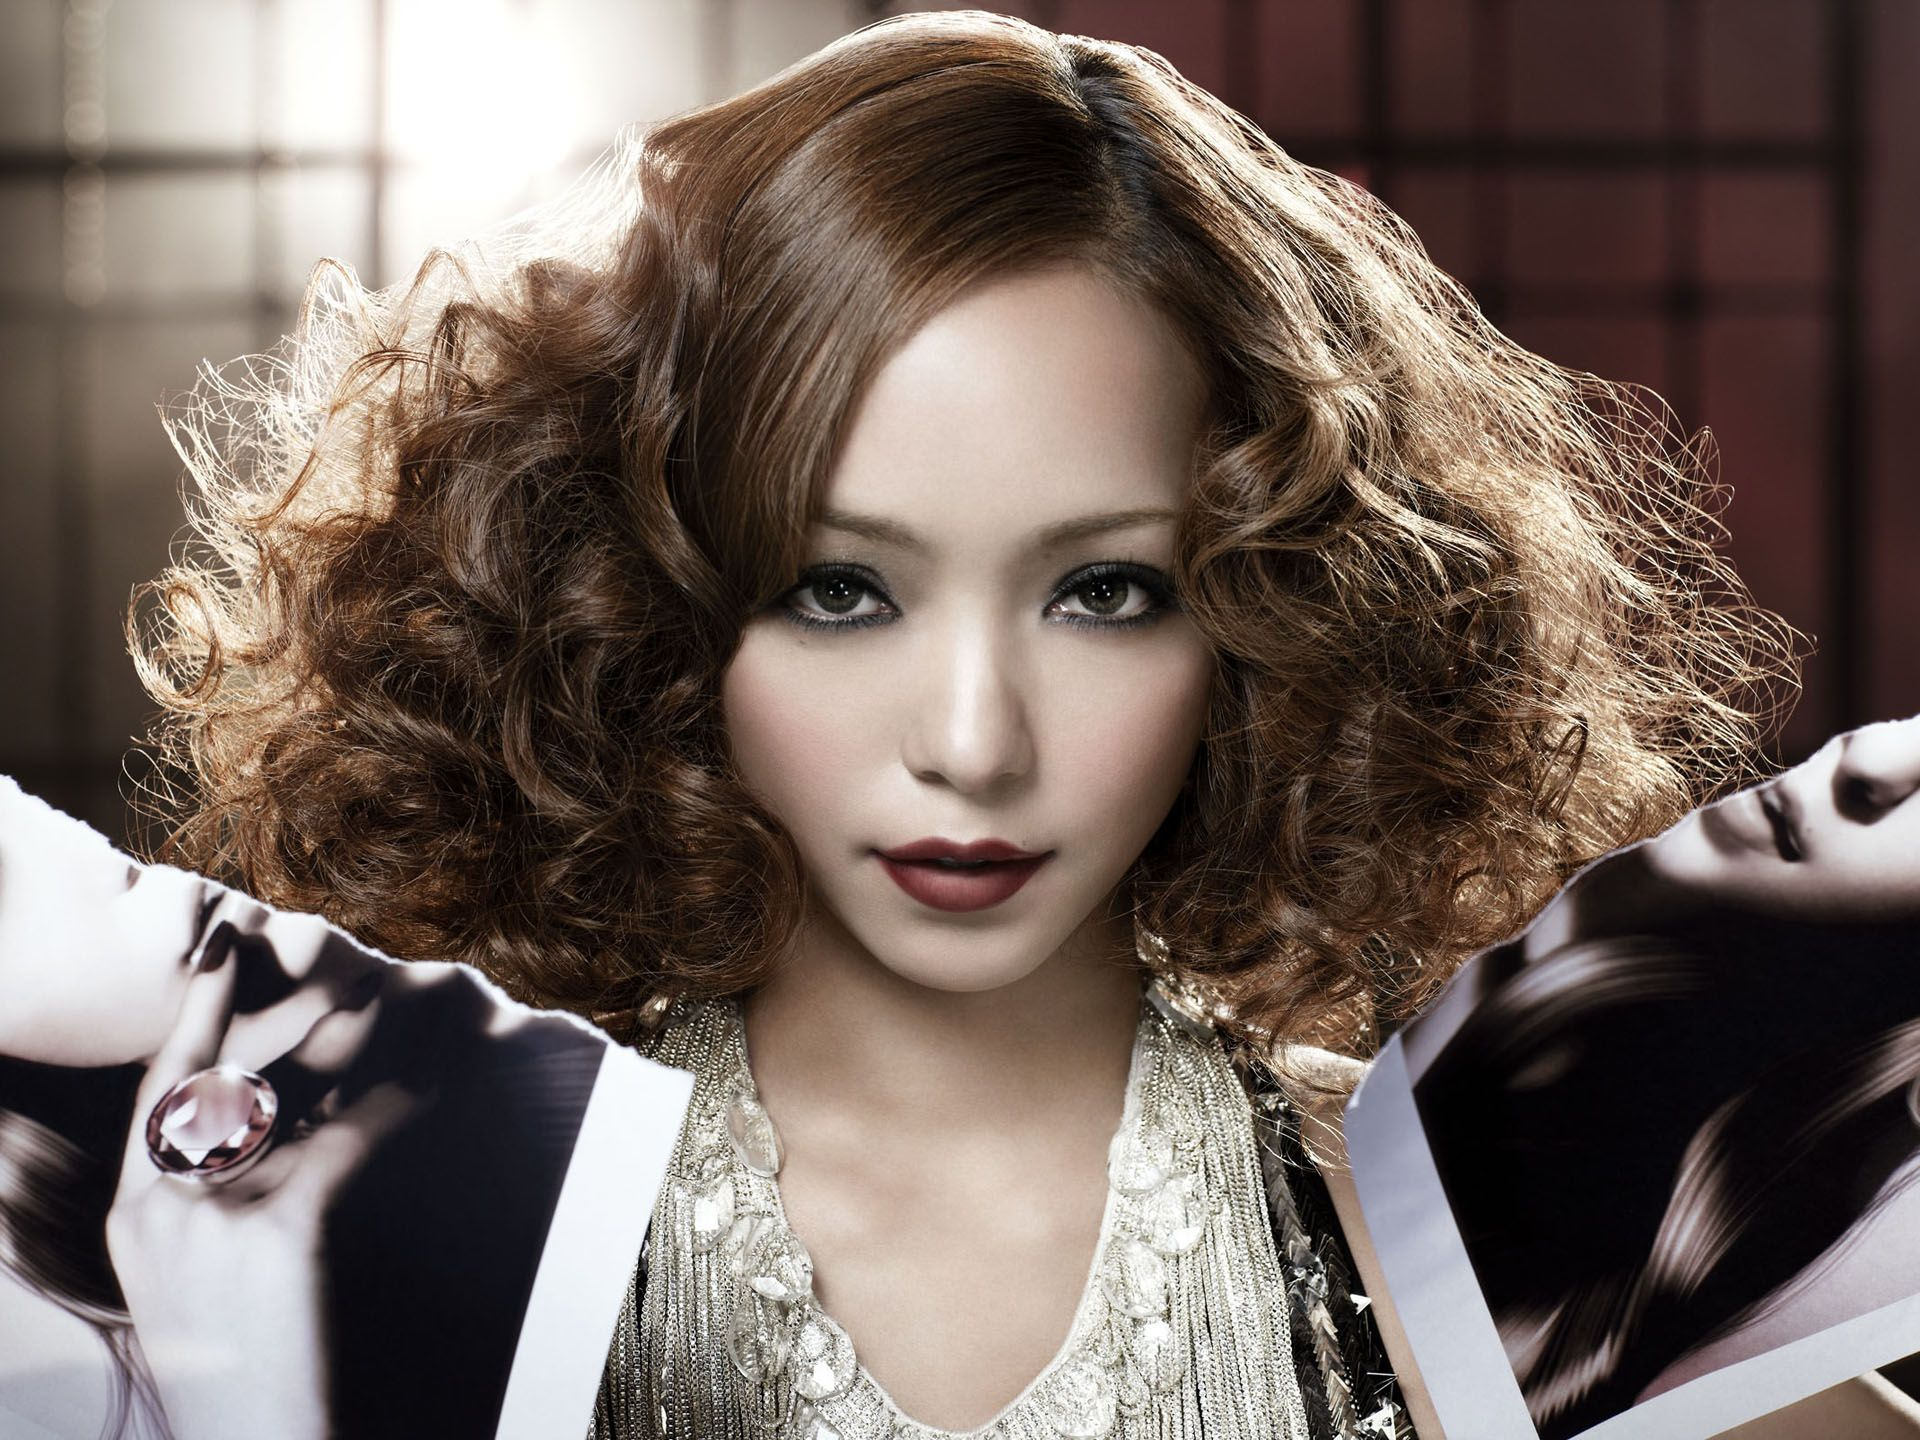 安室奈美恵の曲が大人気!どの曲が人気?名曲は?調べてみました!のサムネイル画像